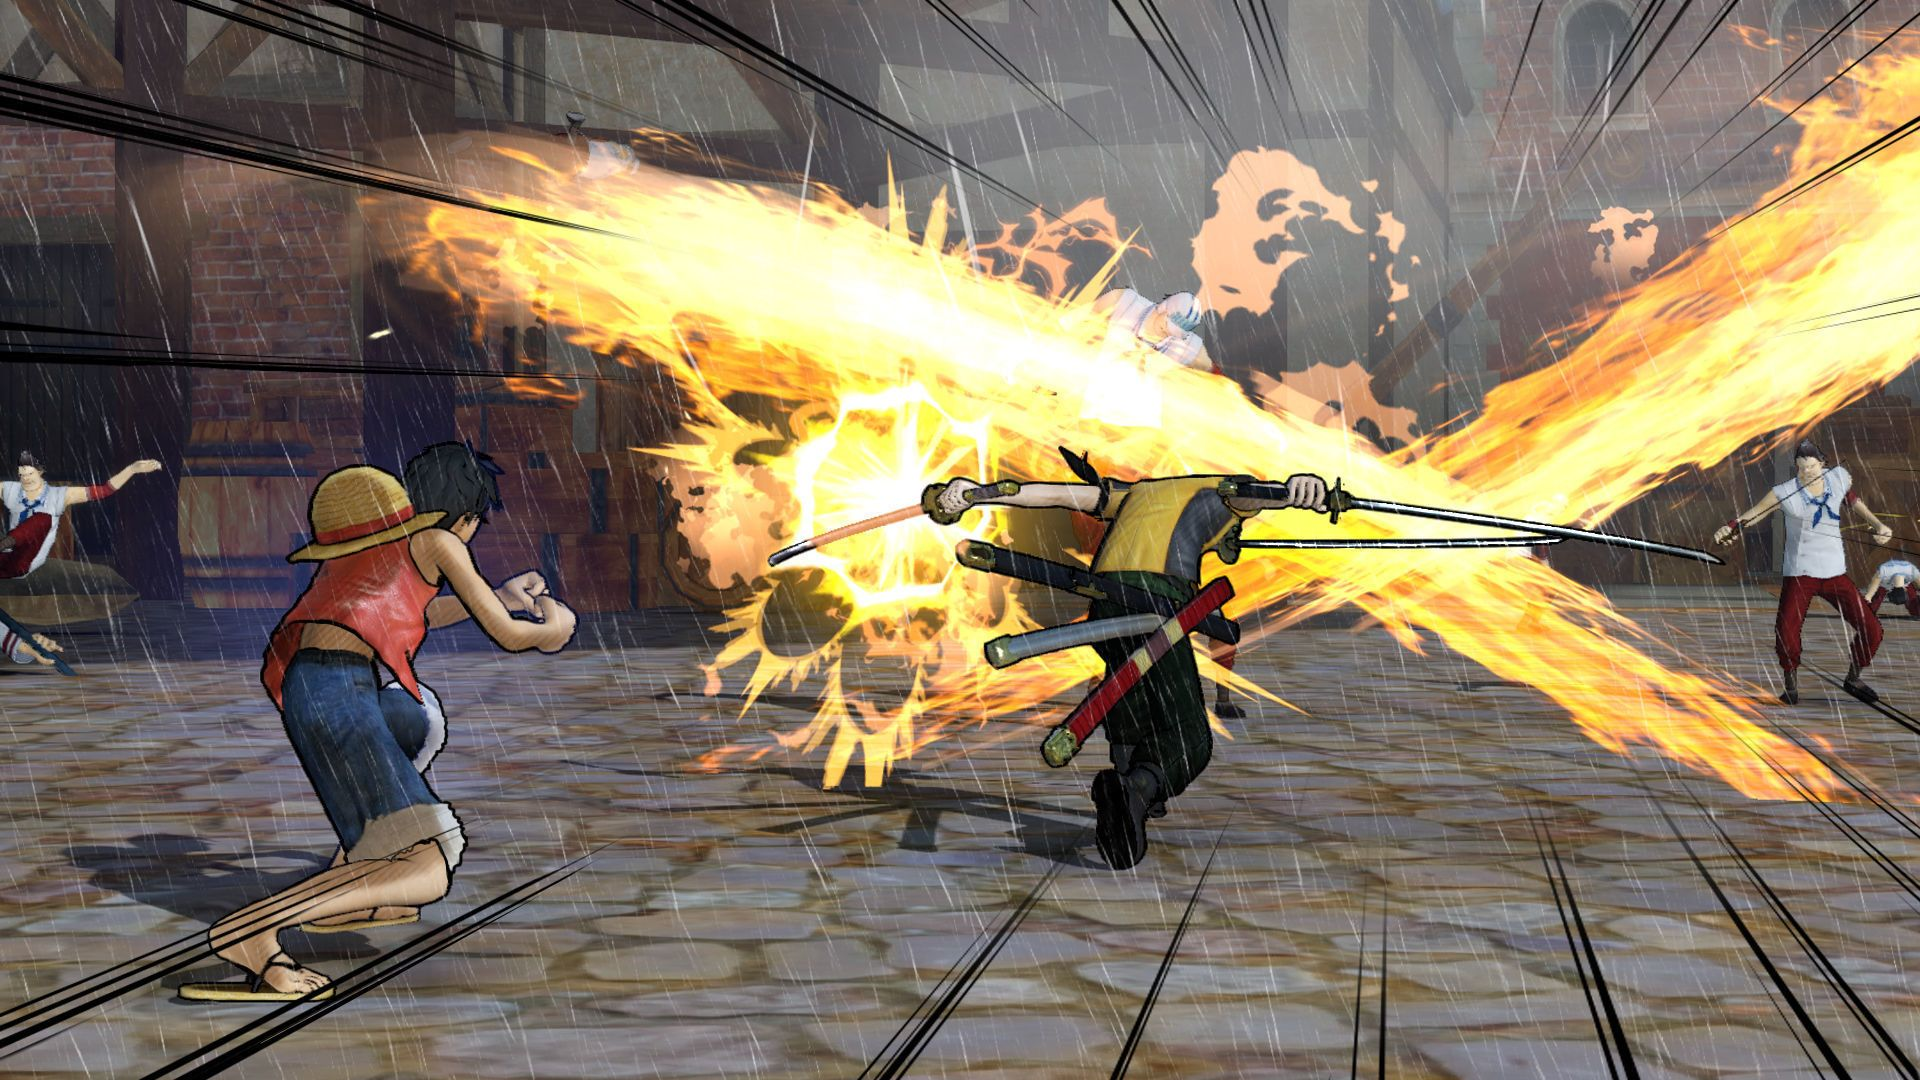 #OnePiece3 #PirateWarriors3 Para más información sobre #videojuegos visita nuestra página web: www.todosobrevideojuegos.com y  síguenos en Twitter: https://twitter.com/TS_Videojuegos